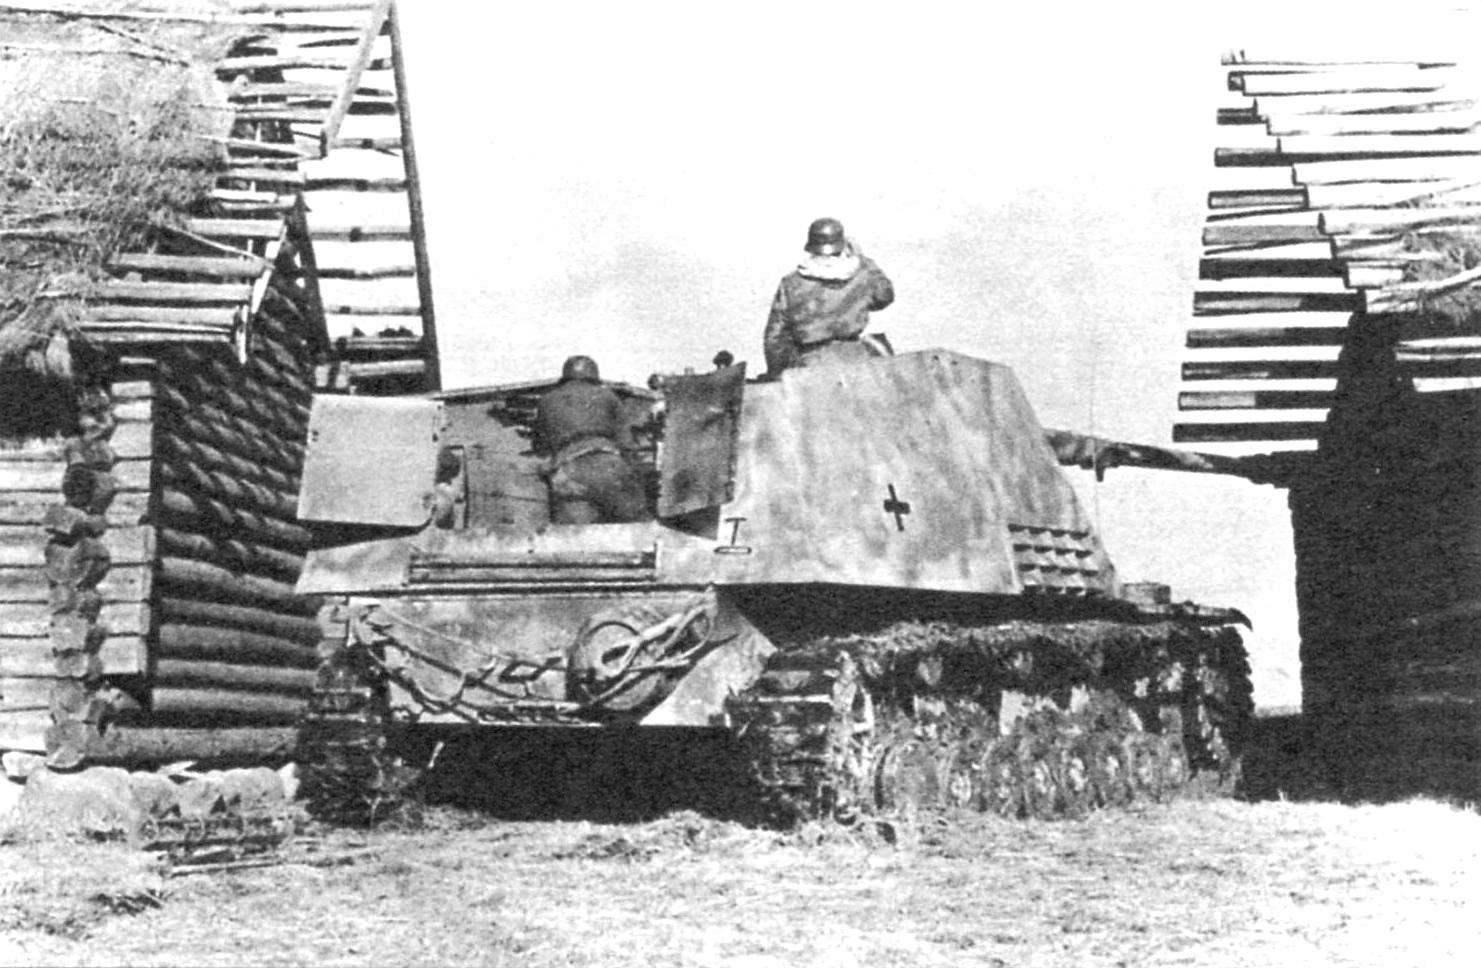 САУ «Насхорн» в засаде. Восточный фронт, 1943 г.